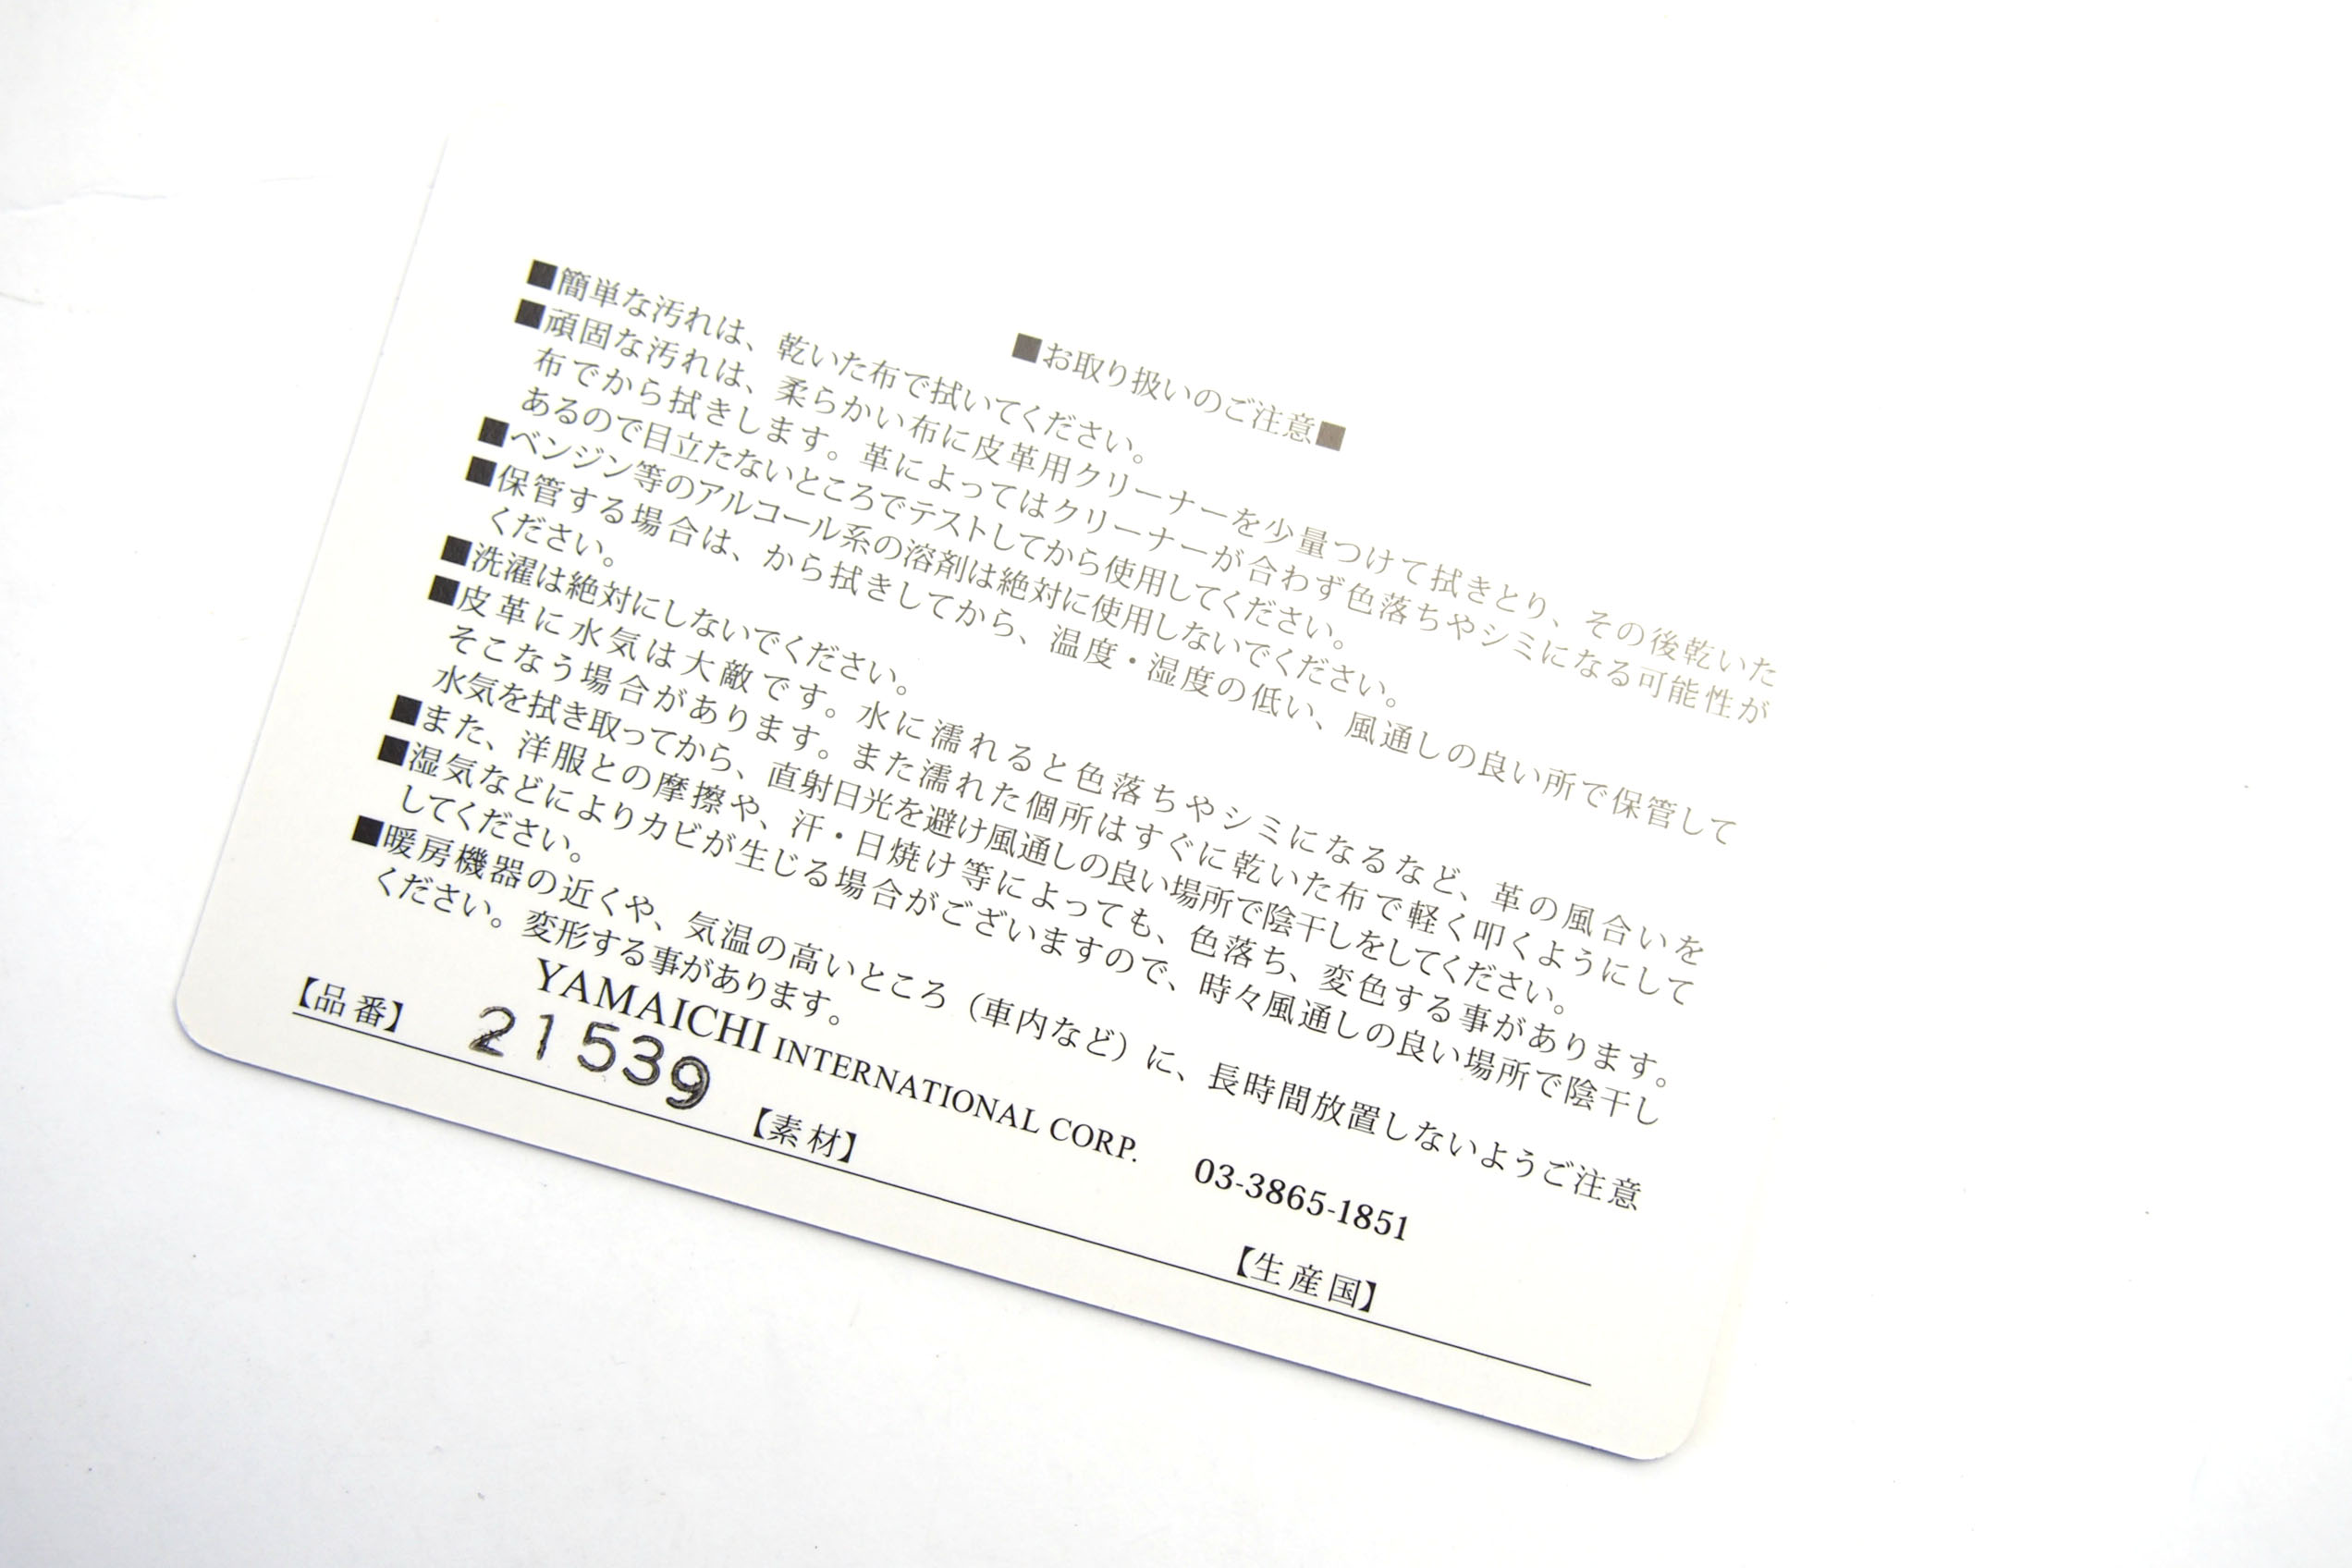 エバーウィン×メゾンドヒロアン EVERWIN + MAISON DE HIROAN 封筒型名刺入れ 21539 イメージ012